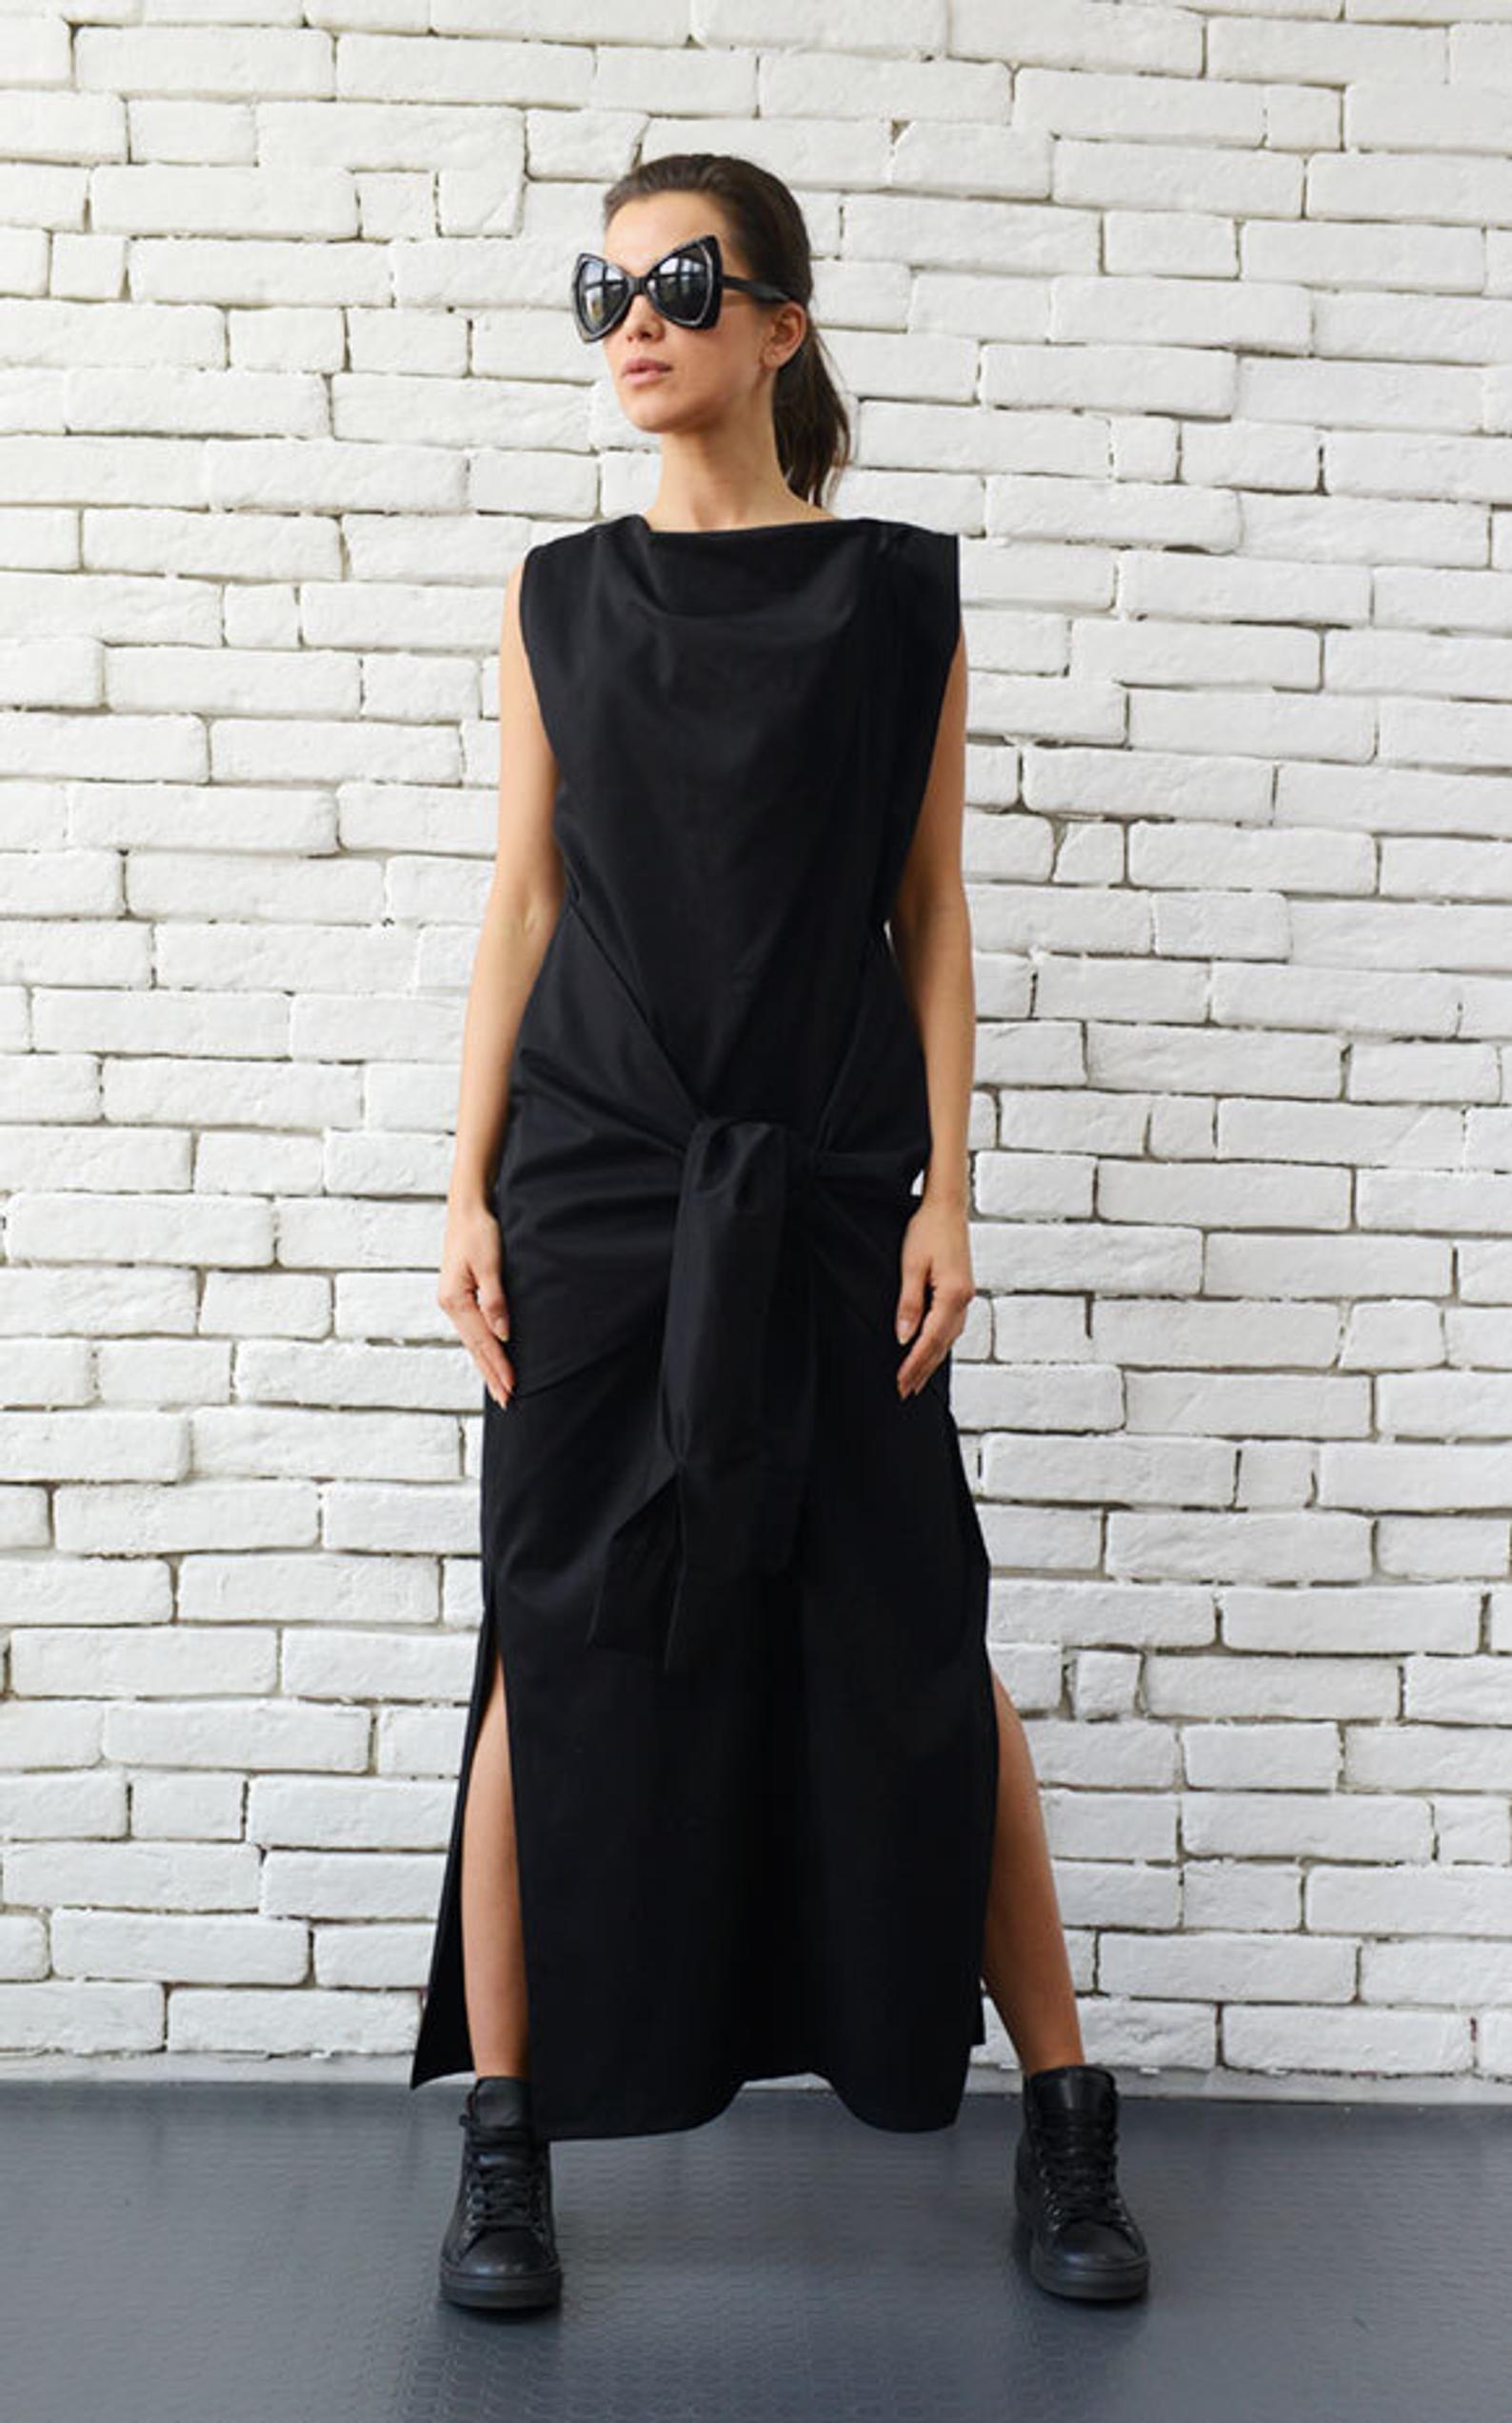 extravagante schwarze lange kleid mit krawatten/sleeveless